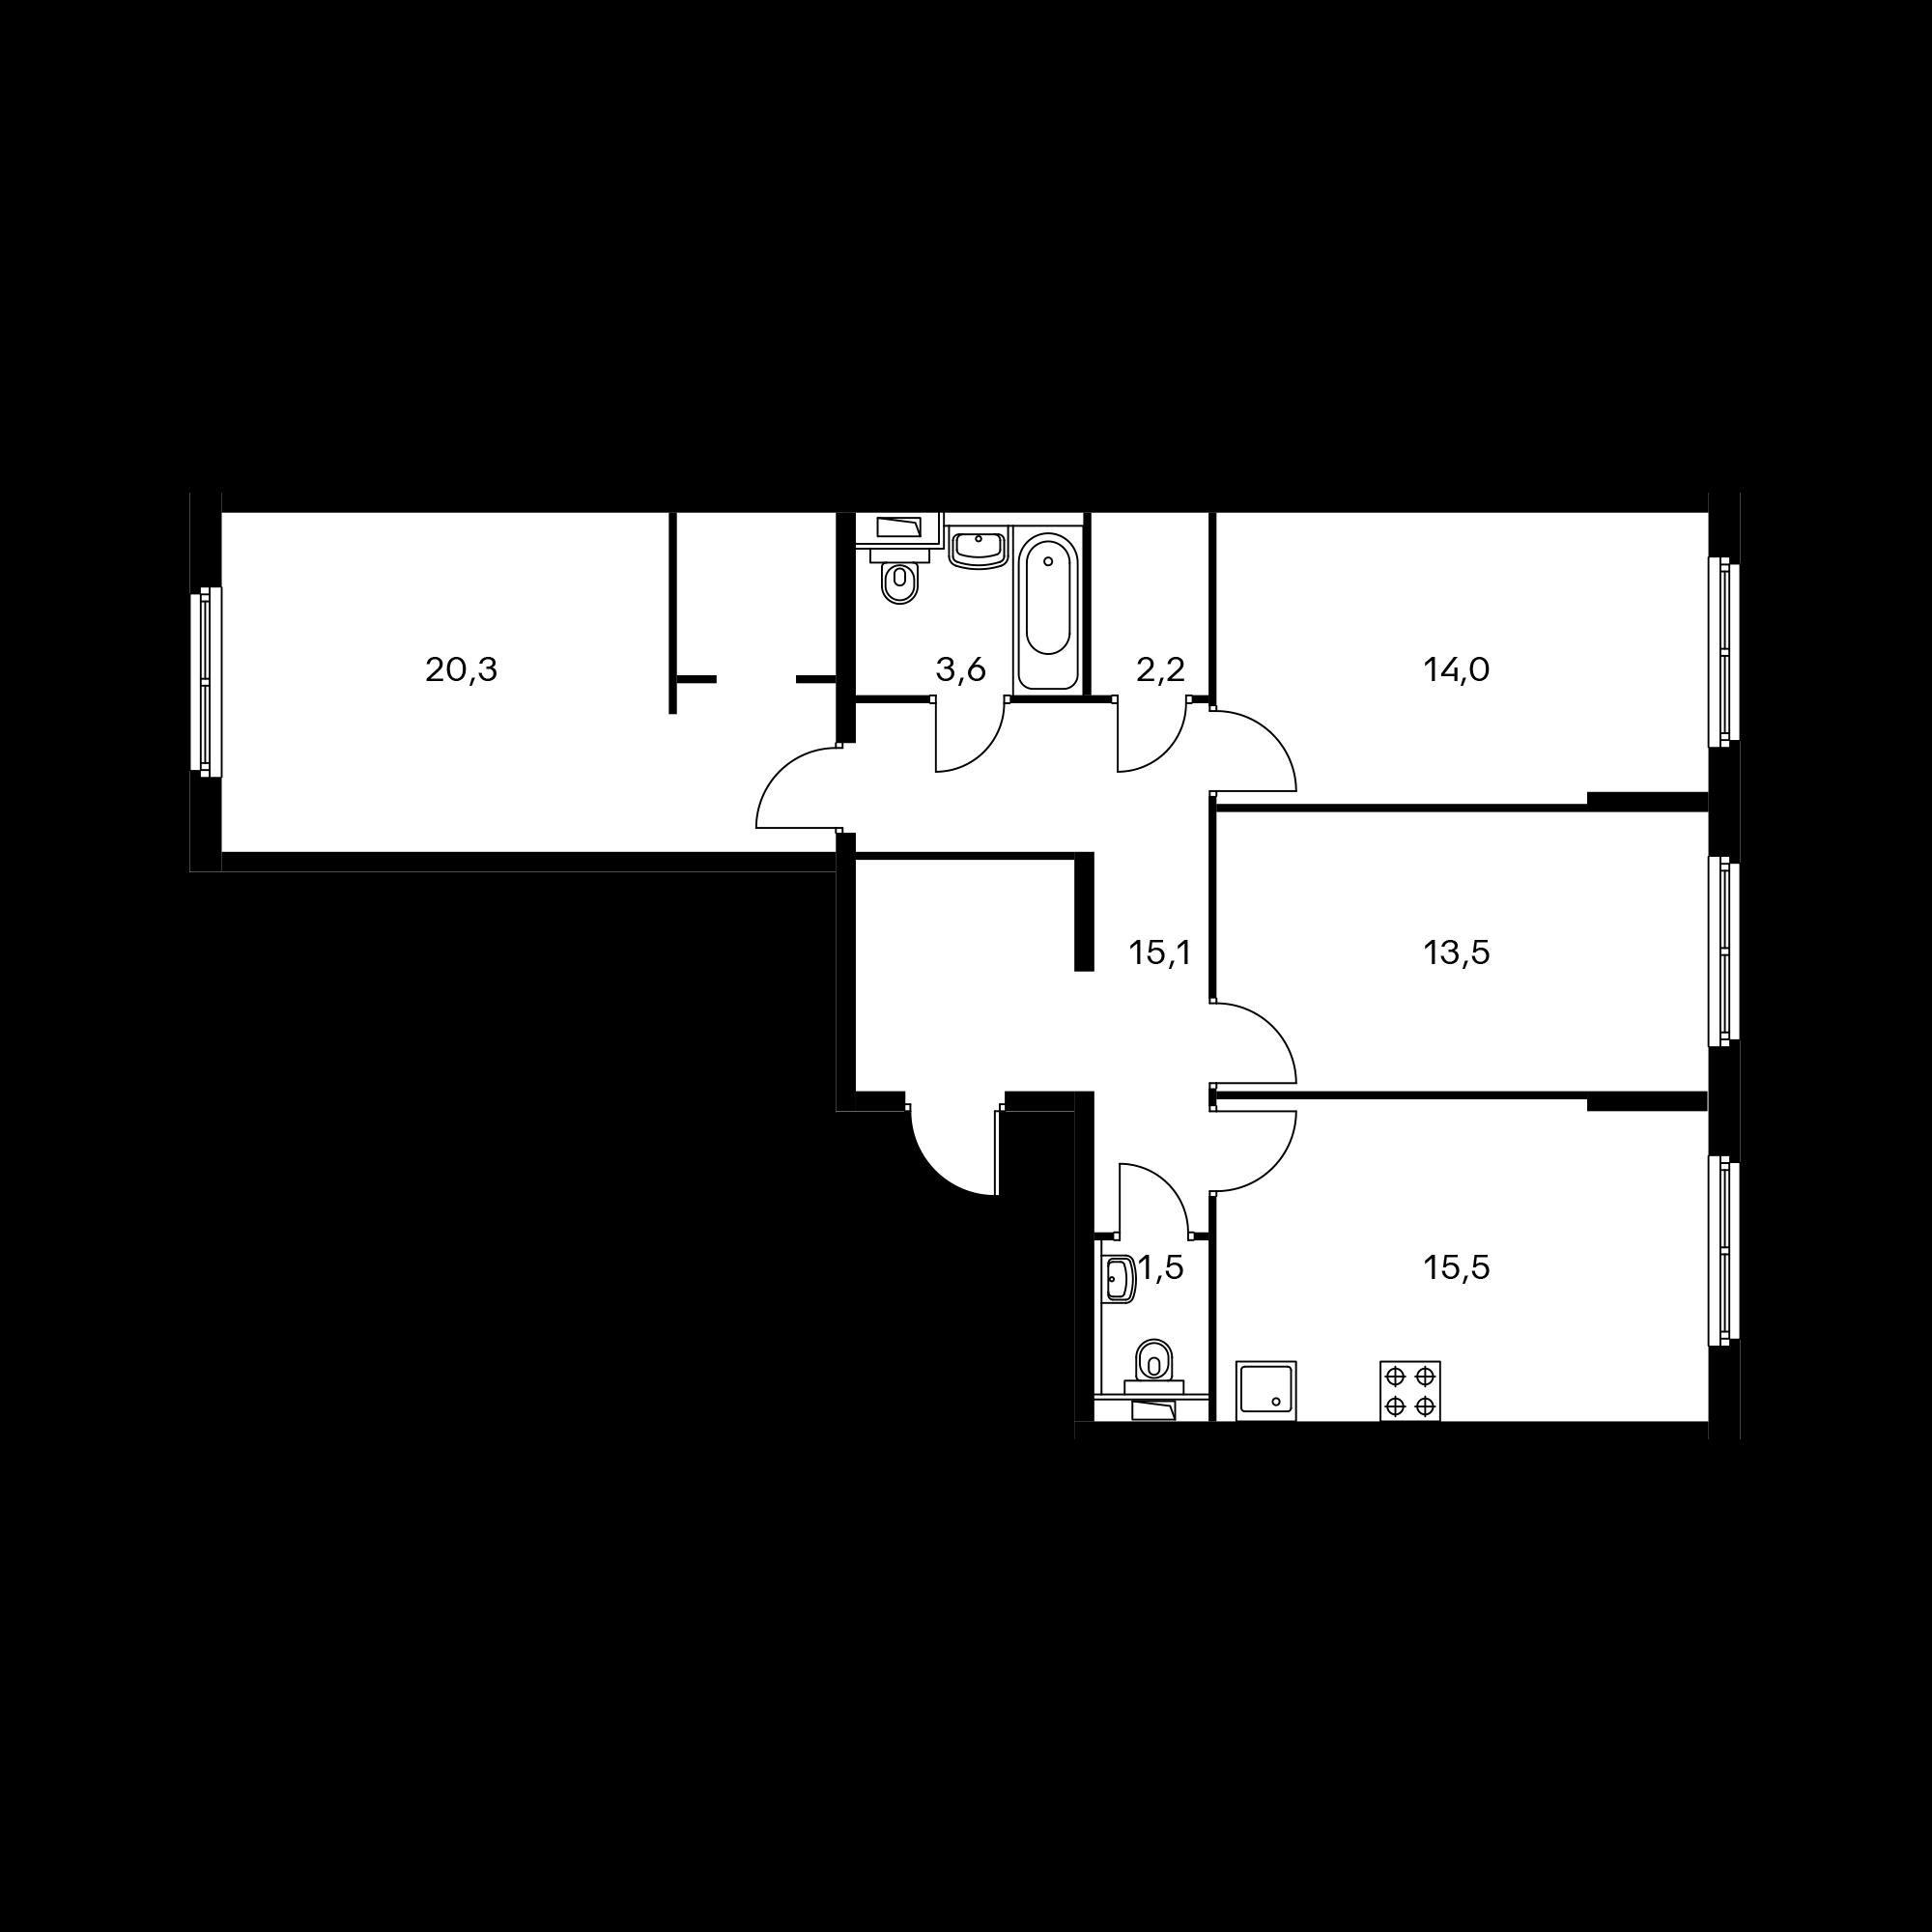 3KL13_9.3-1_S_A